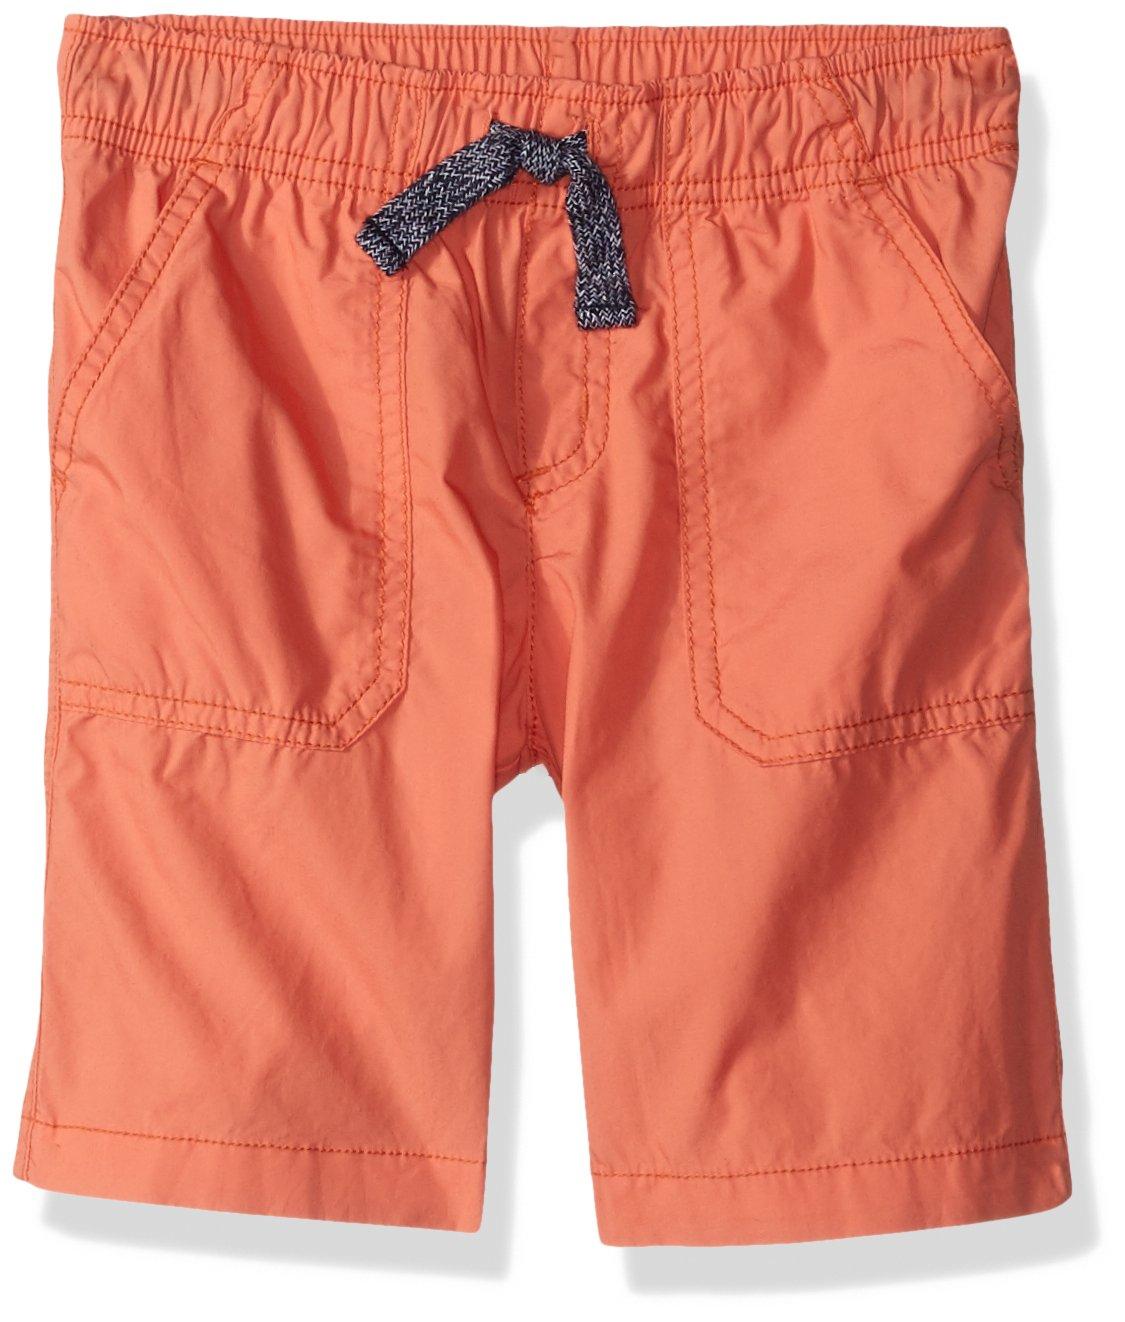 Gymboree Toddler Boys' Easy Shorts, Sunset Orange, 4T